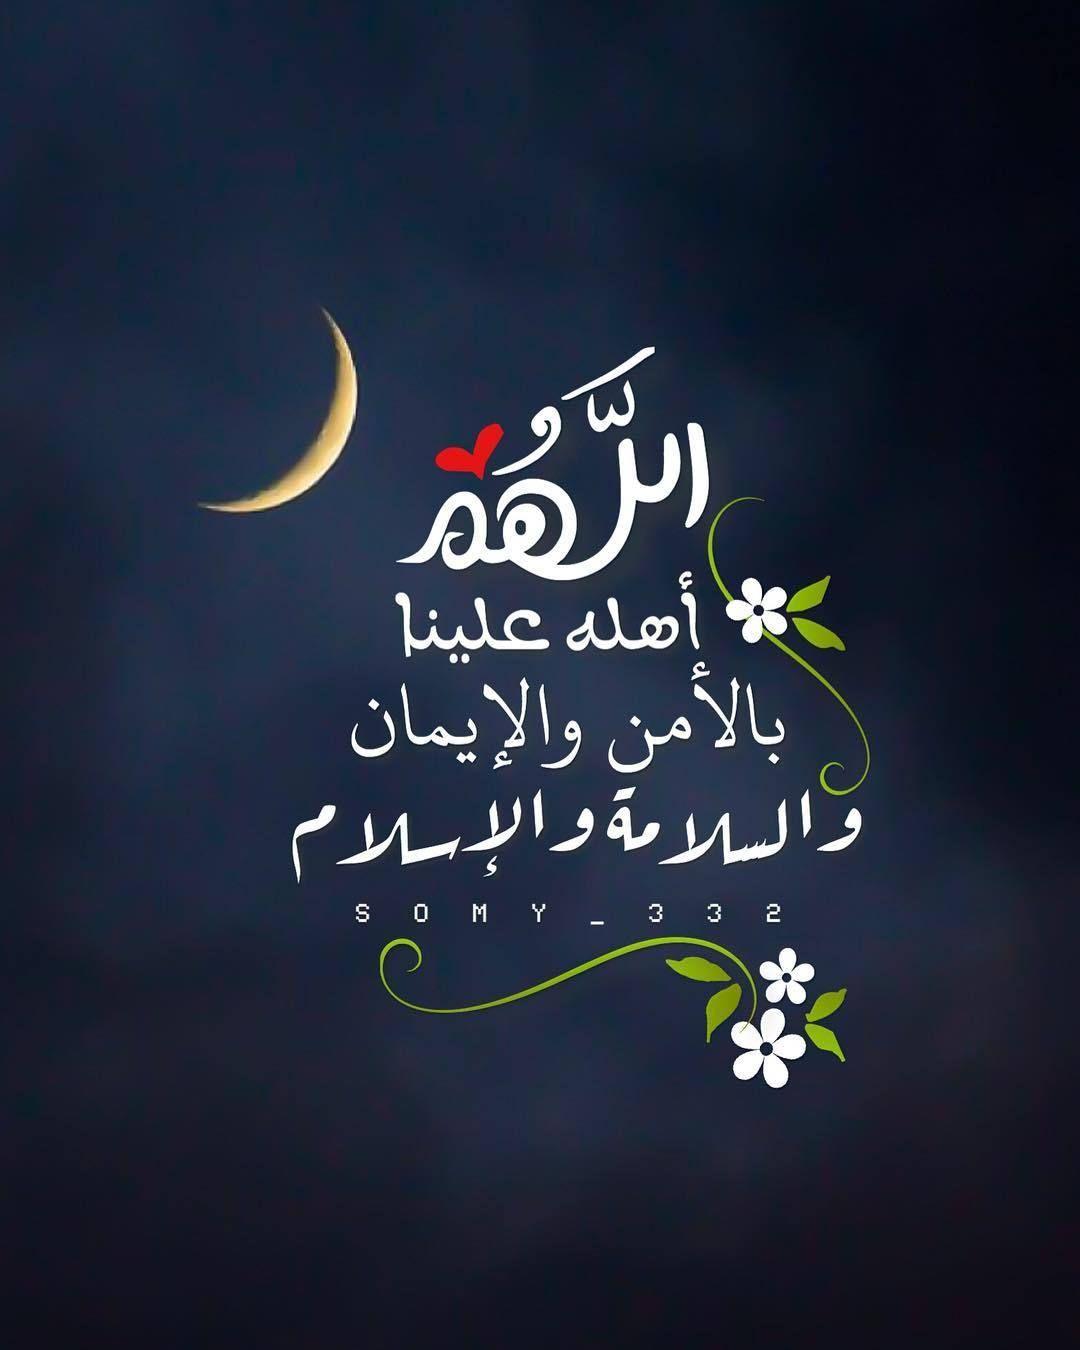 كل عام وانتم جميعا بخير الاثنين ٣ ١٩ غرة شهر رجب الثلاثاء ٤ ١٧ غرة شهر شعبان الخميس ٥ ١٧ اول ايام شهر رمضان Islam Ramadan Ramadan Kareem Ramadan